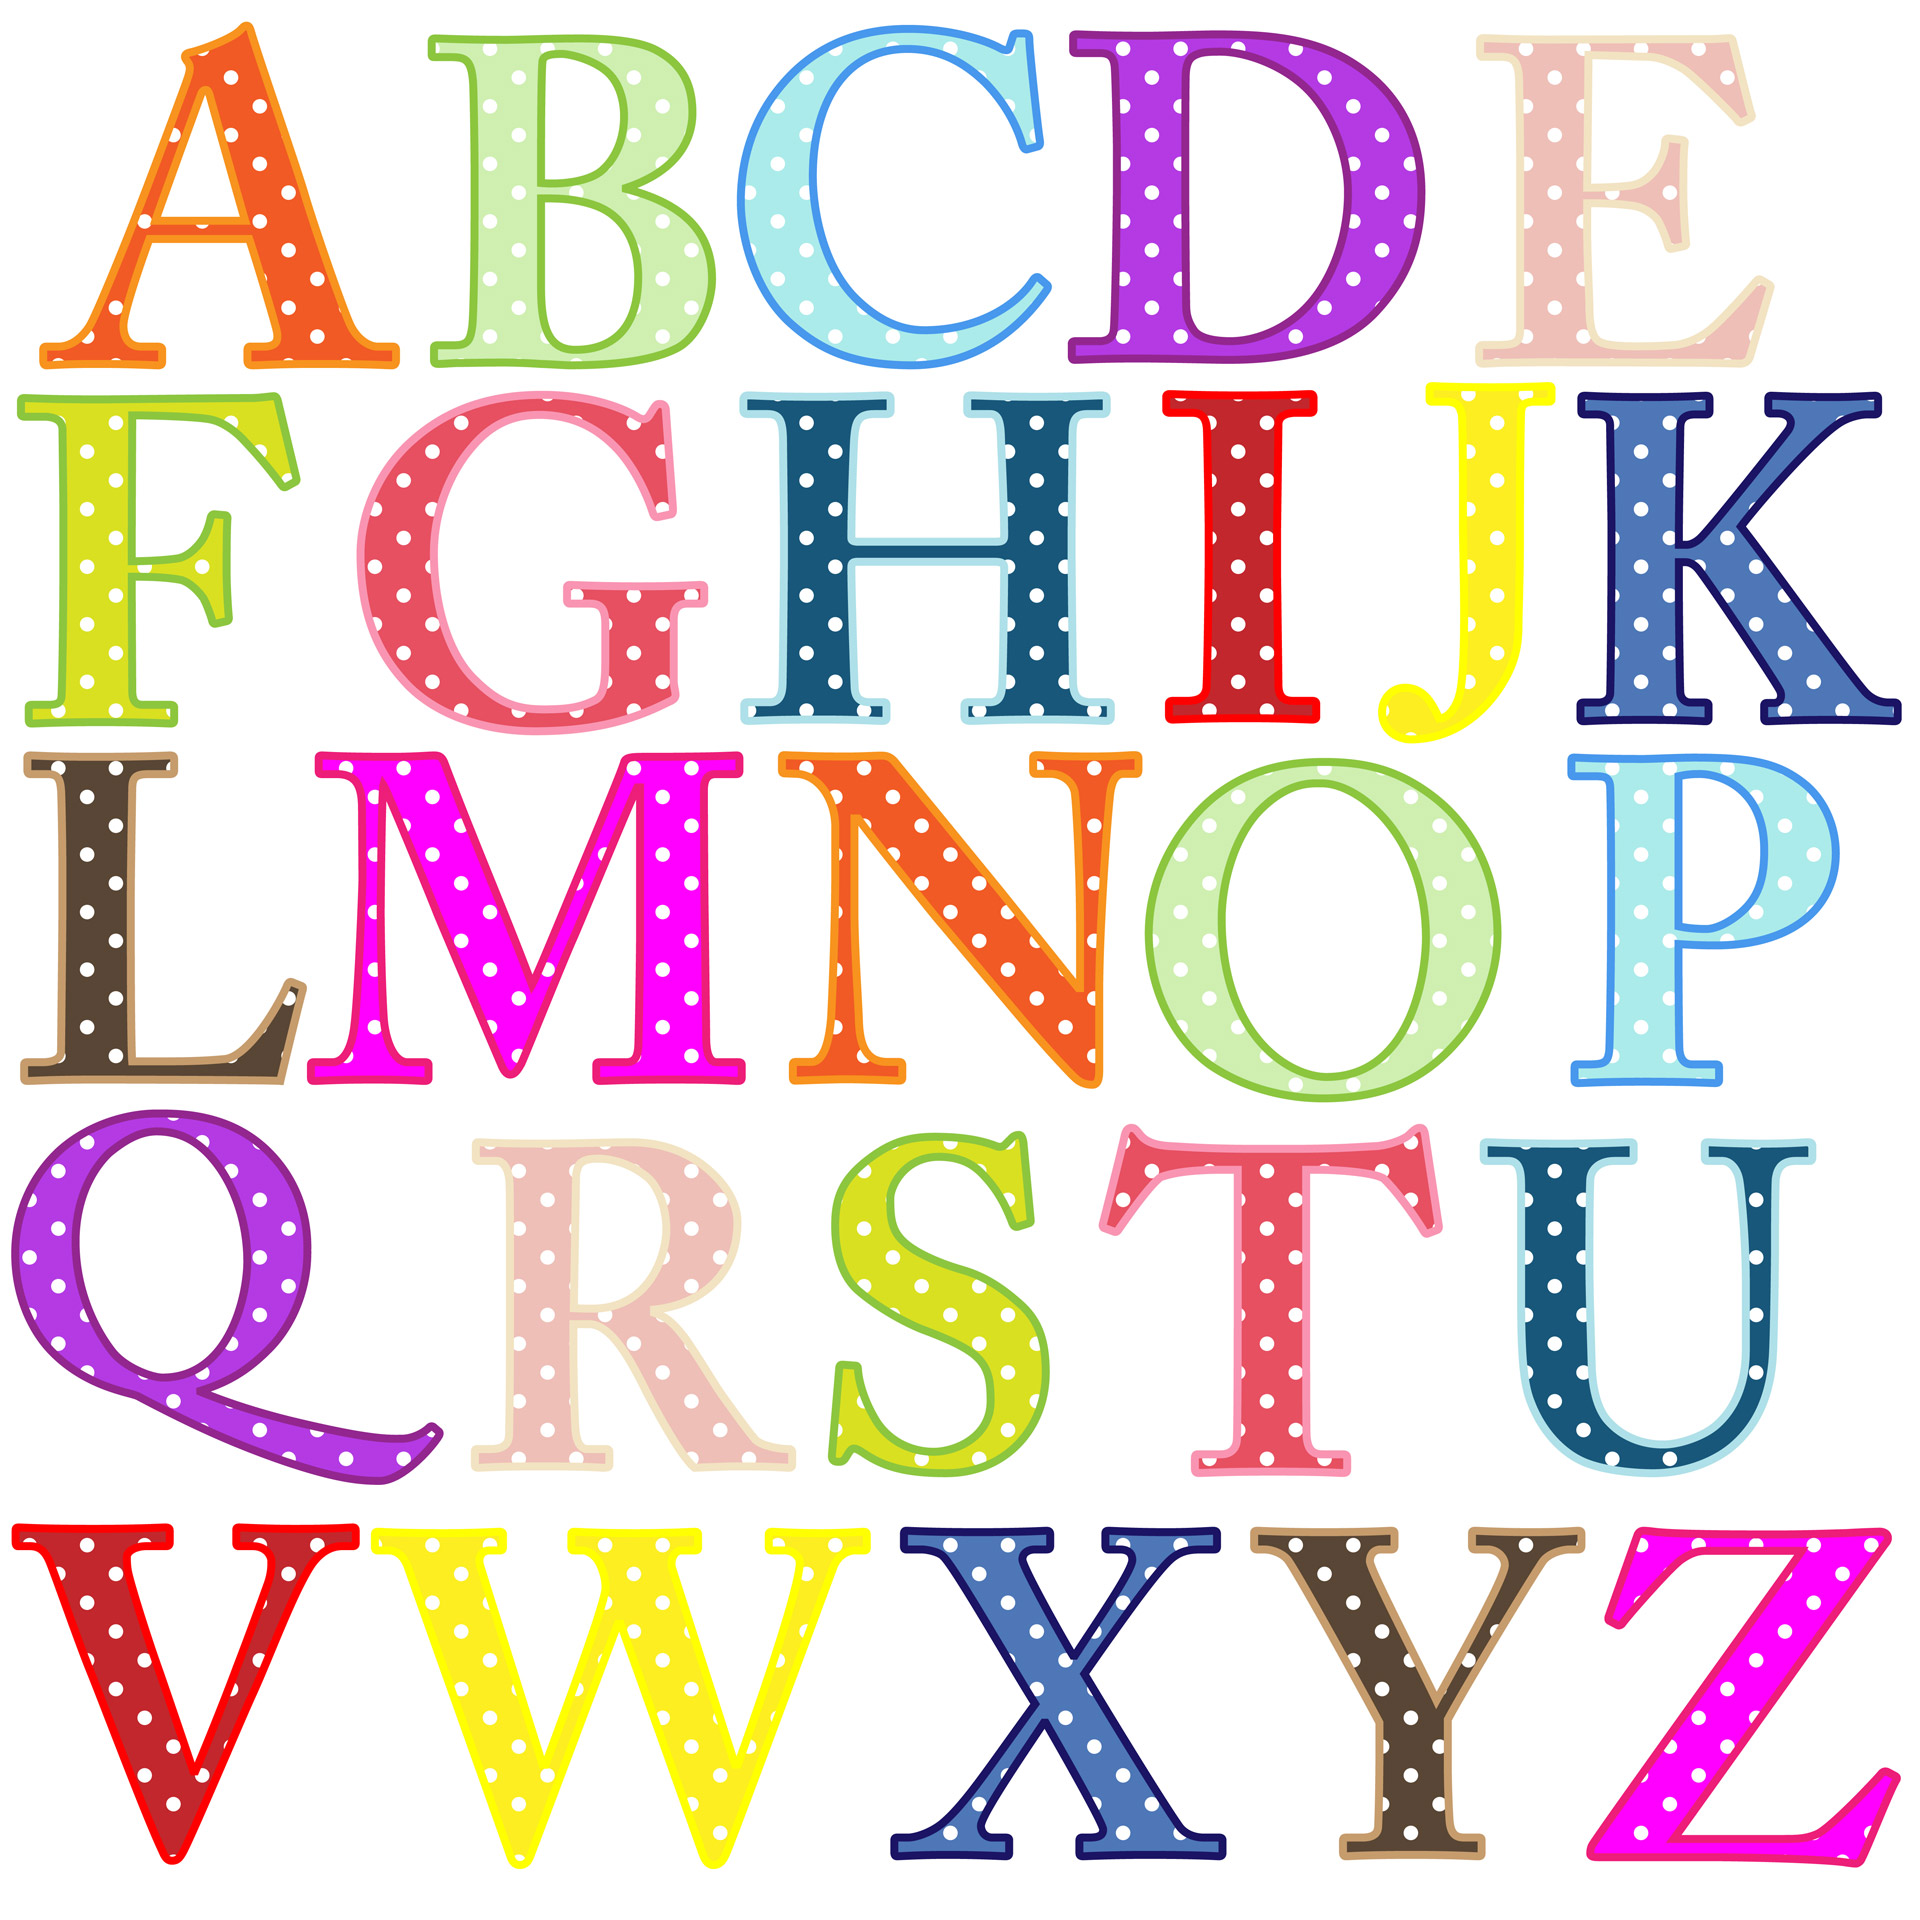 Alphabet Letters Clip-art